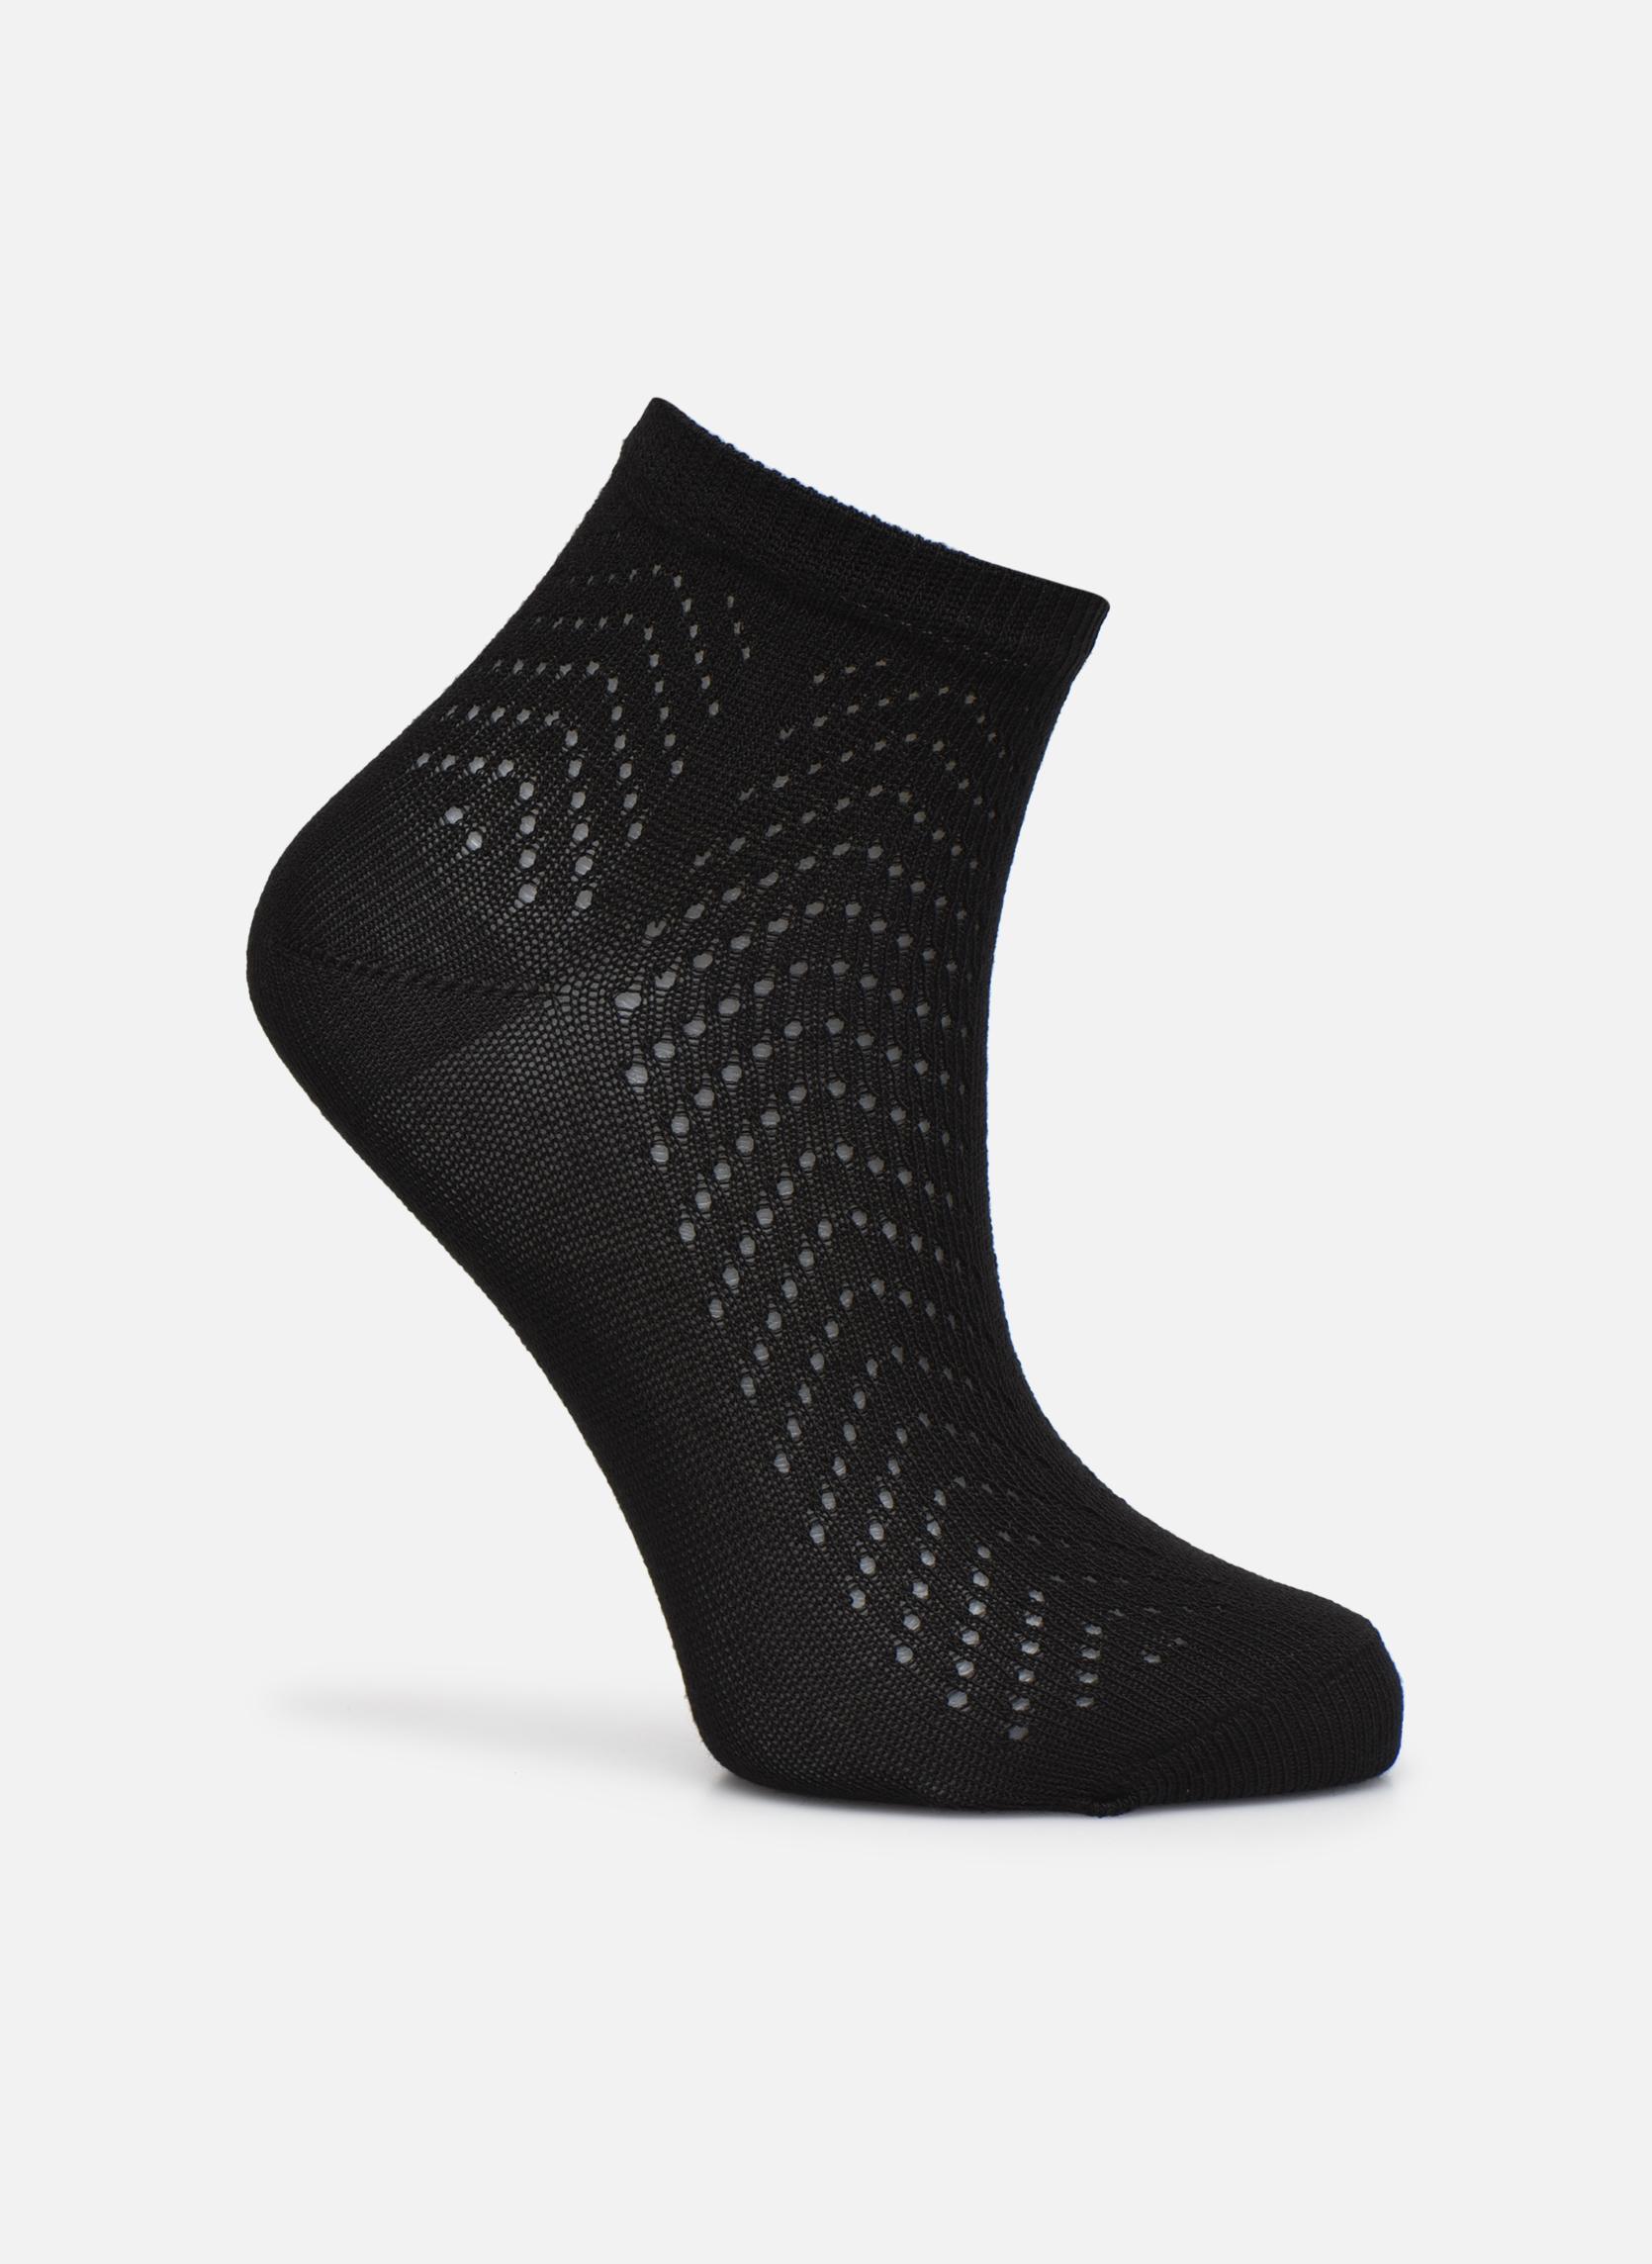 Chaussettes Femme ajourées coton Noir